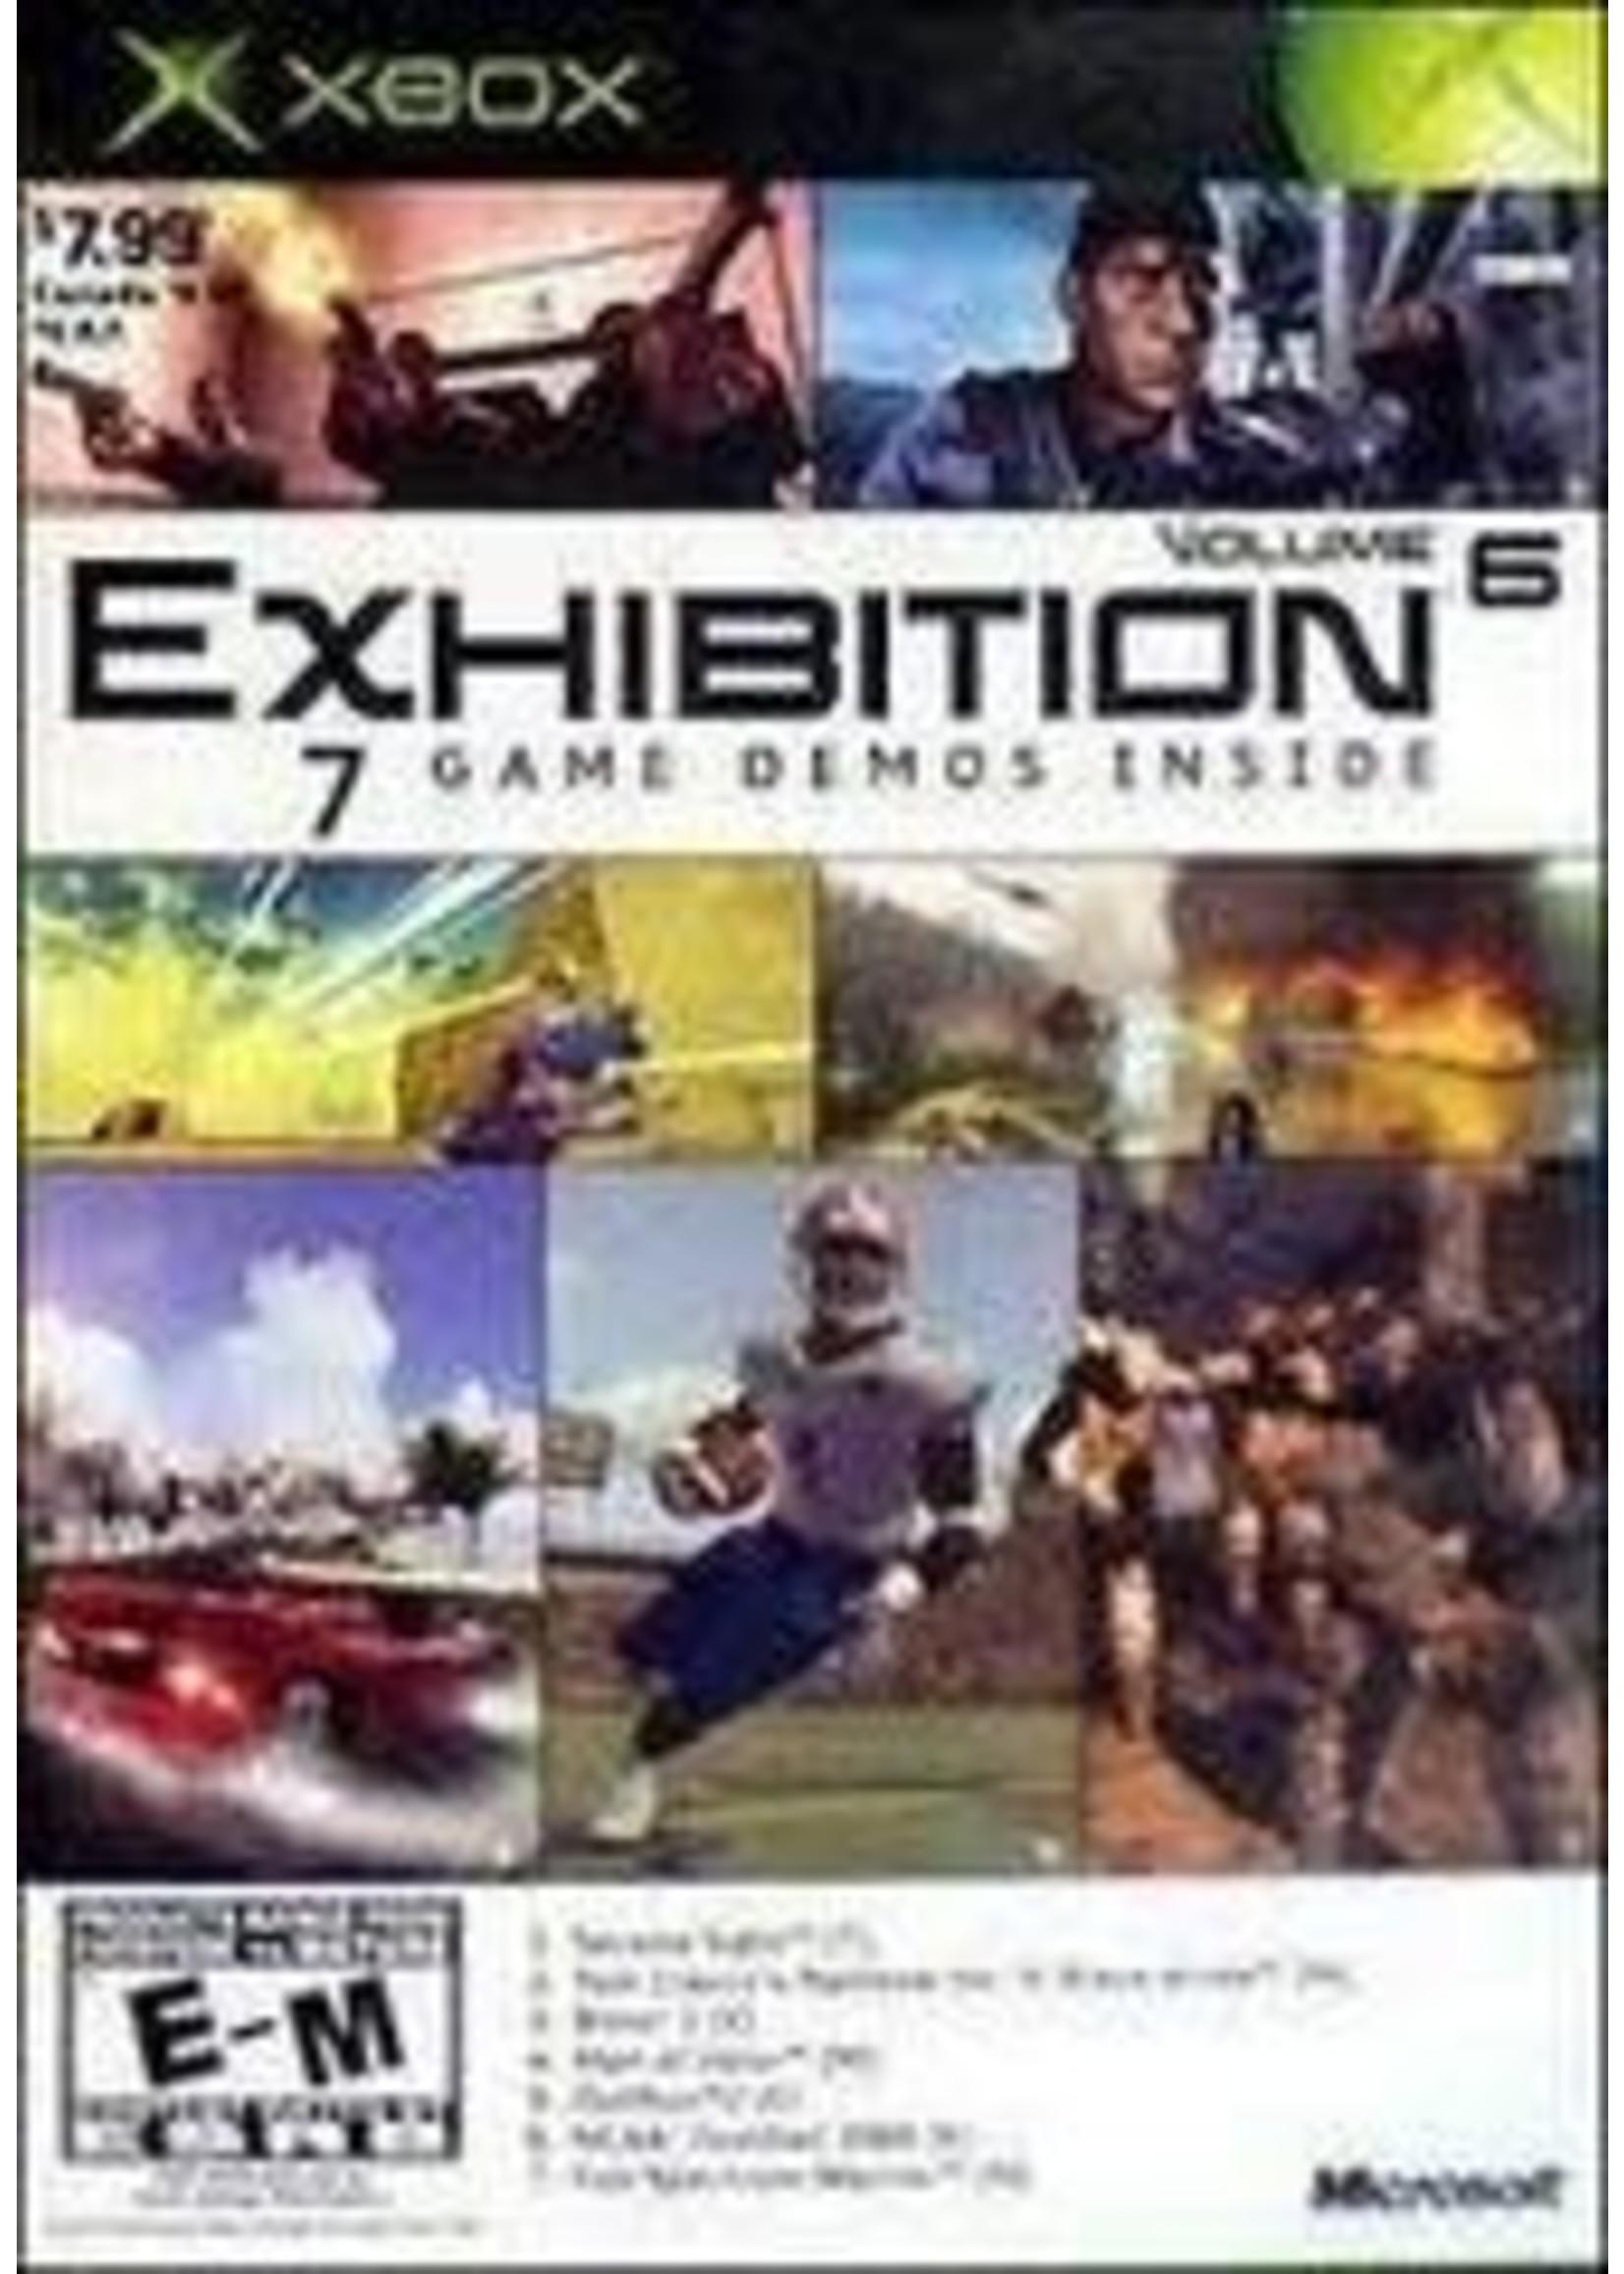 Exhibition Volume 6 Xbox